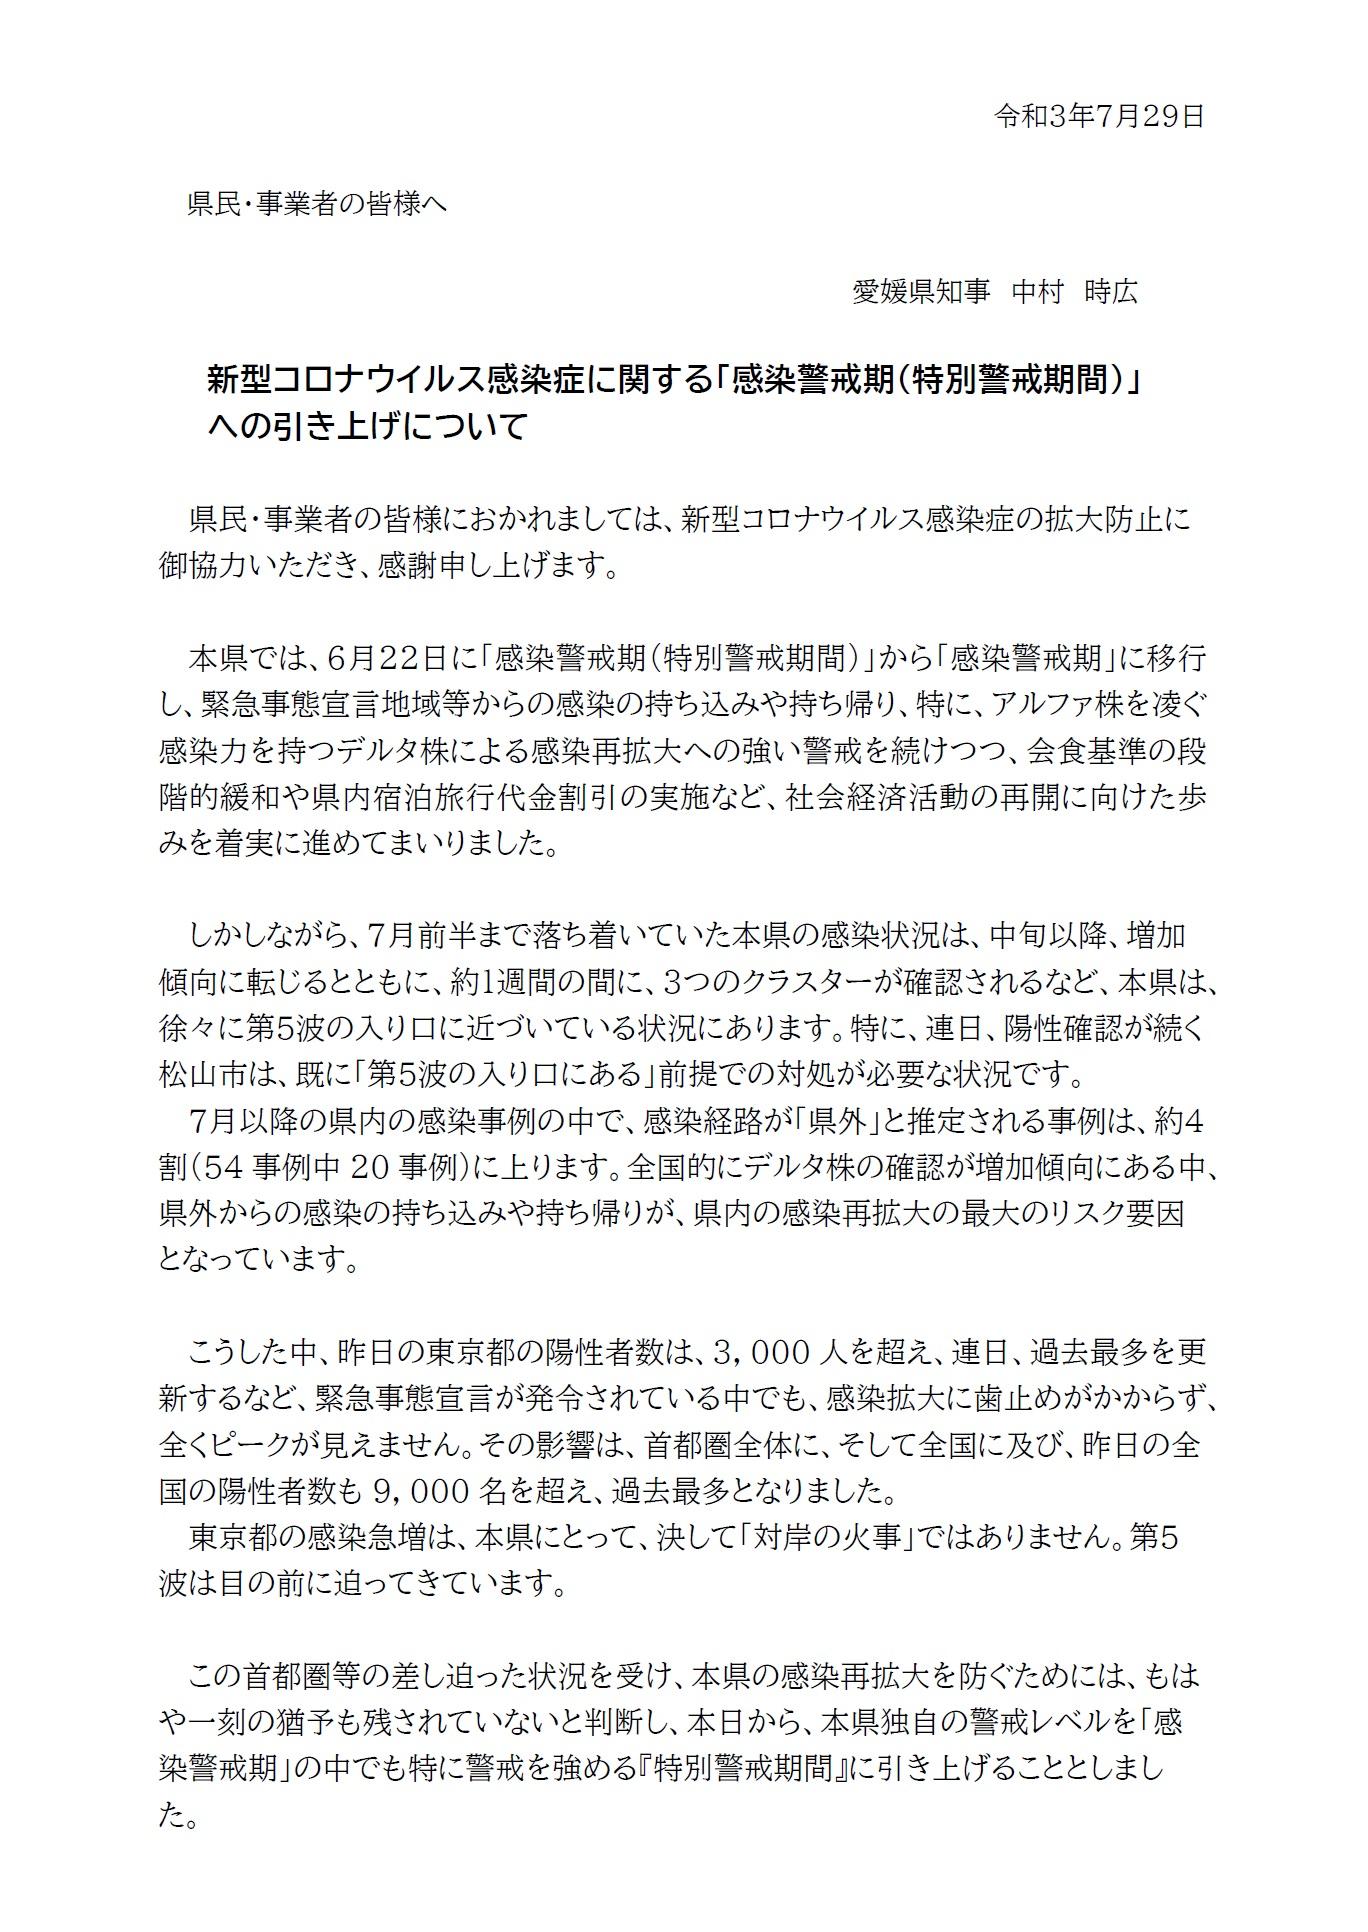 知事からのお手紙1